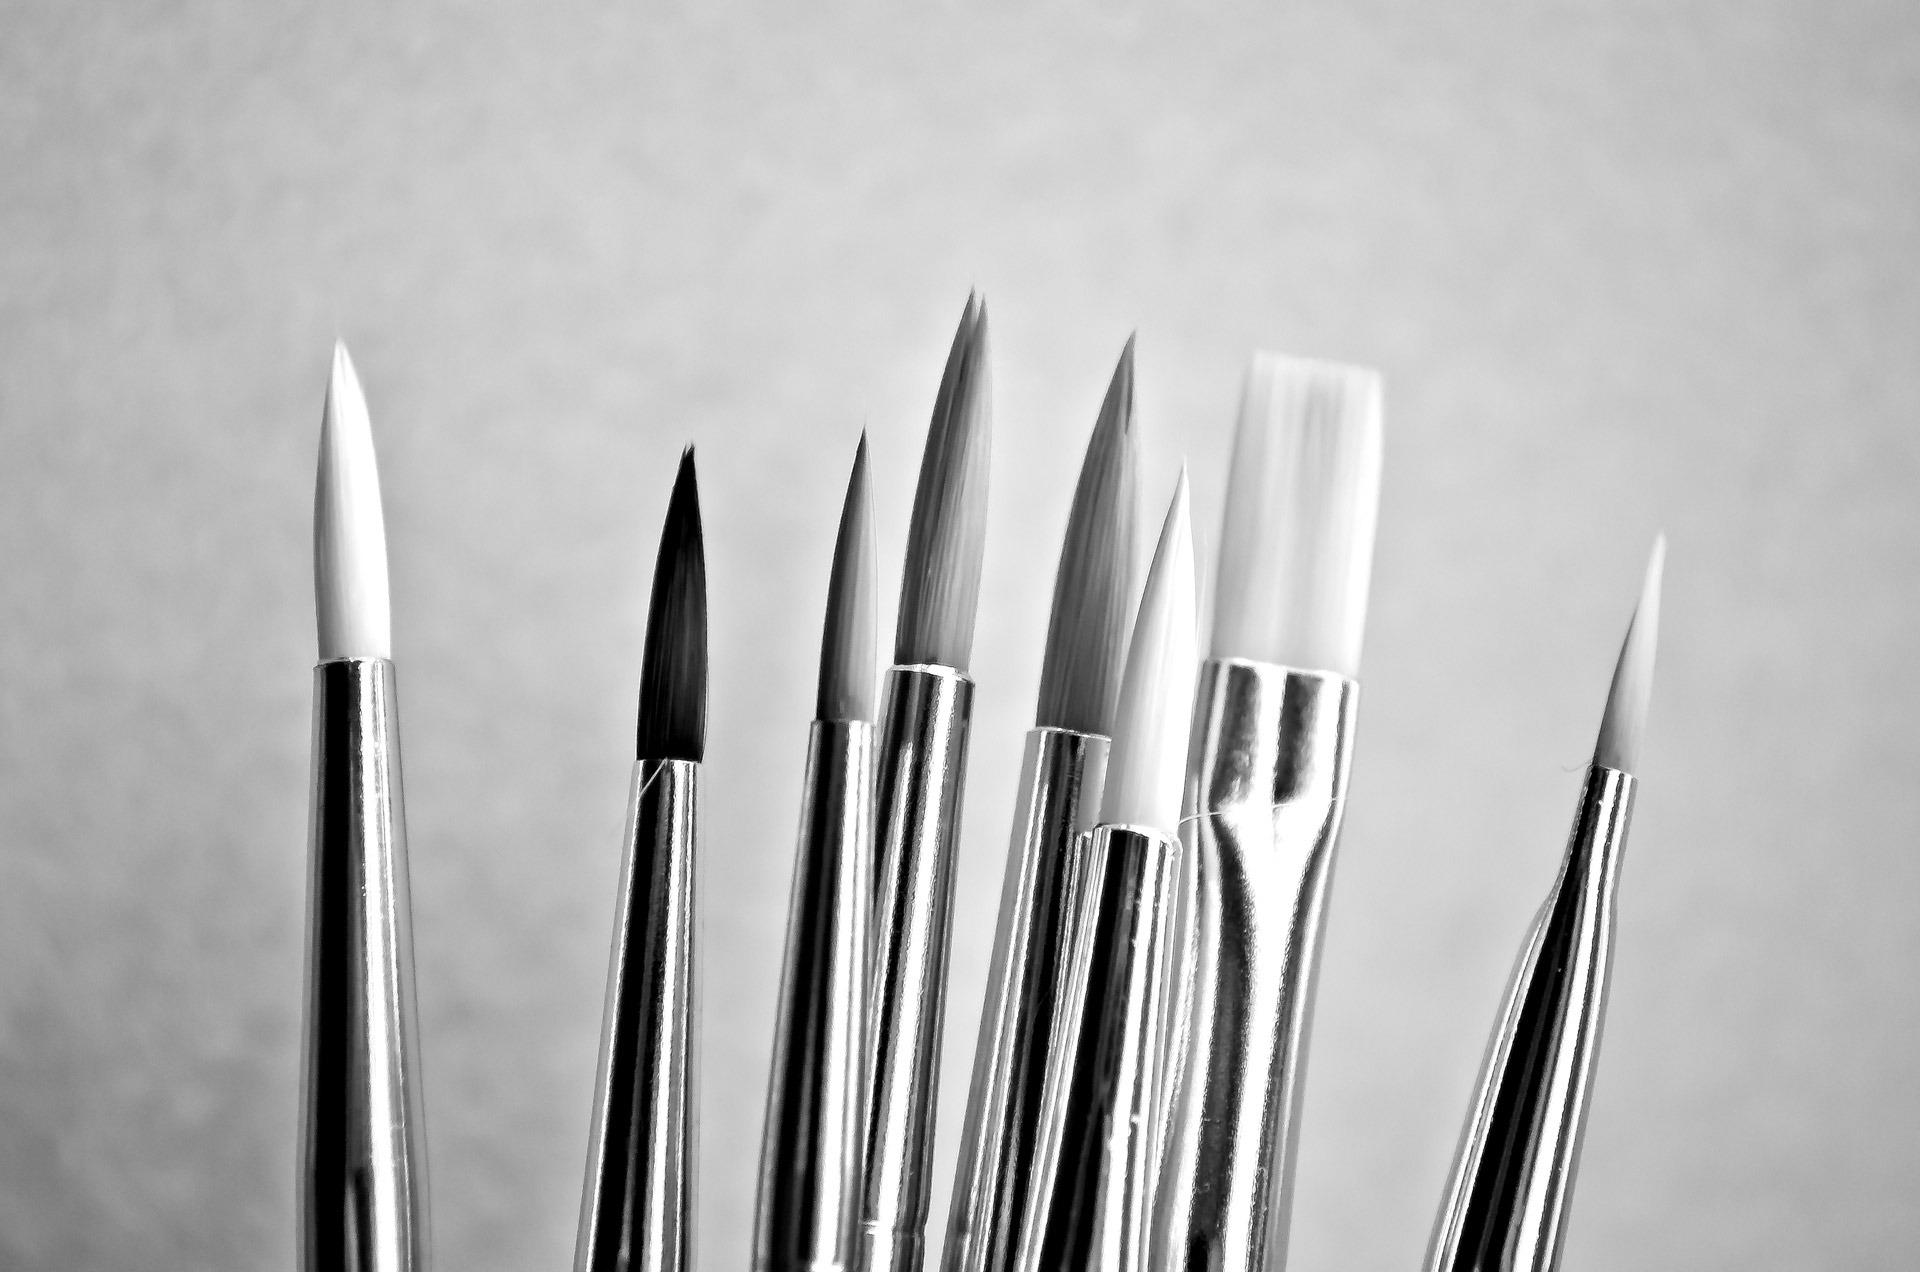 Hand Lettering Brushes - Lettering Tutorial